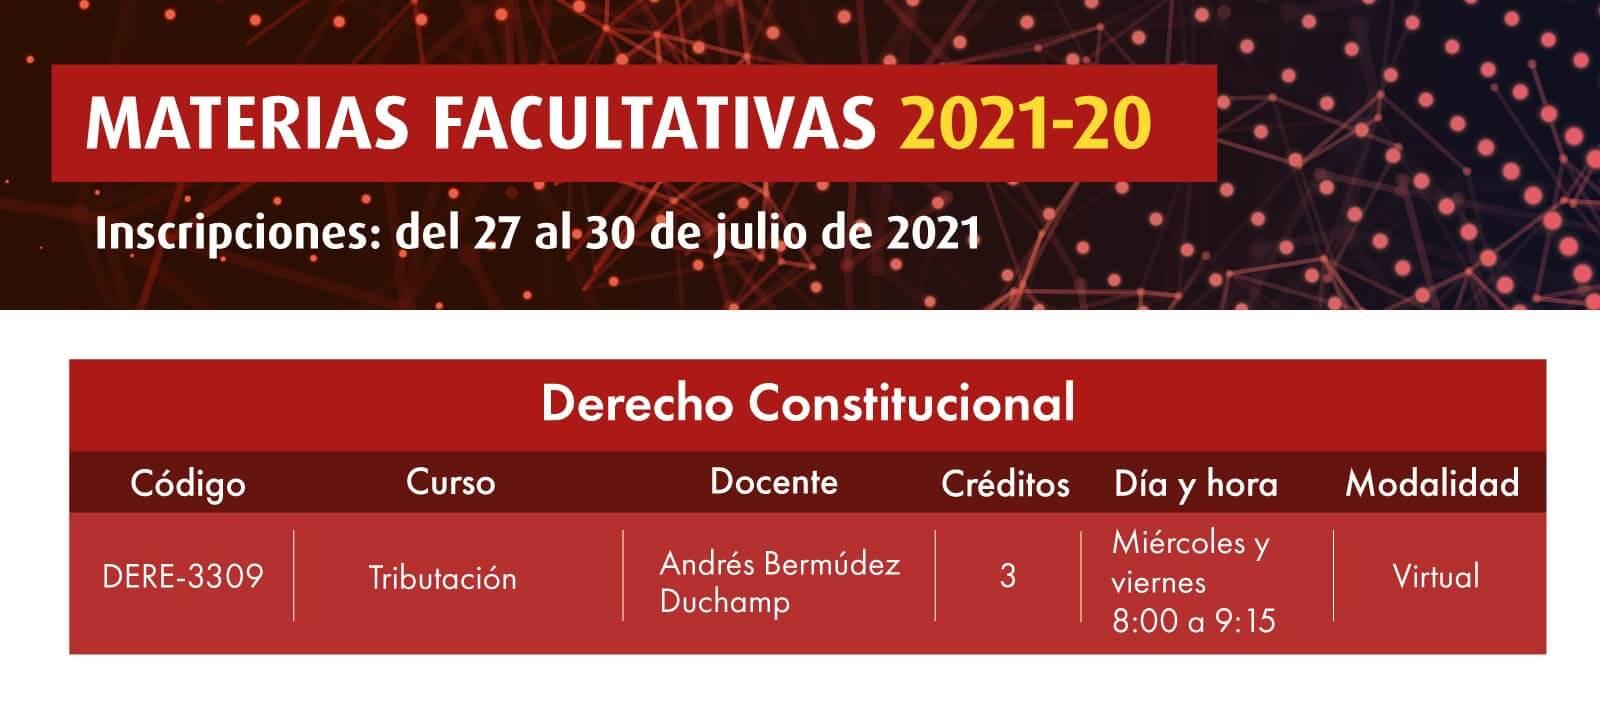 Materia Facultativa Tributación 2021-20 | Derecho | Uniandes